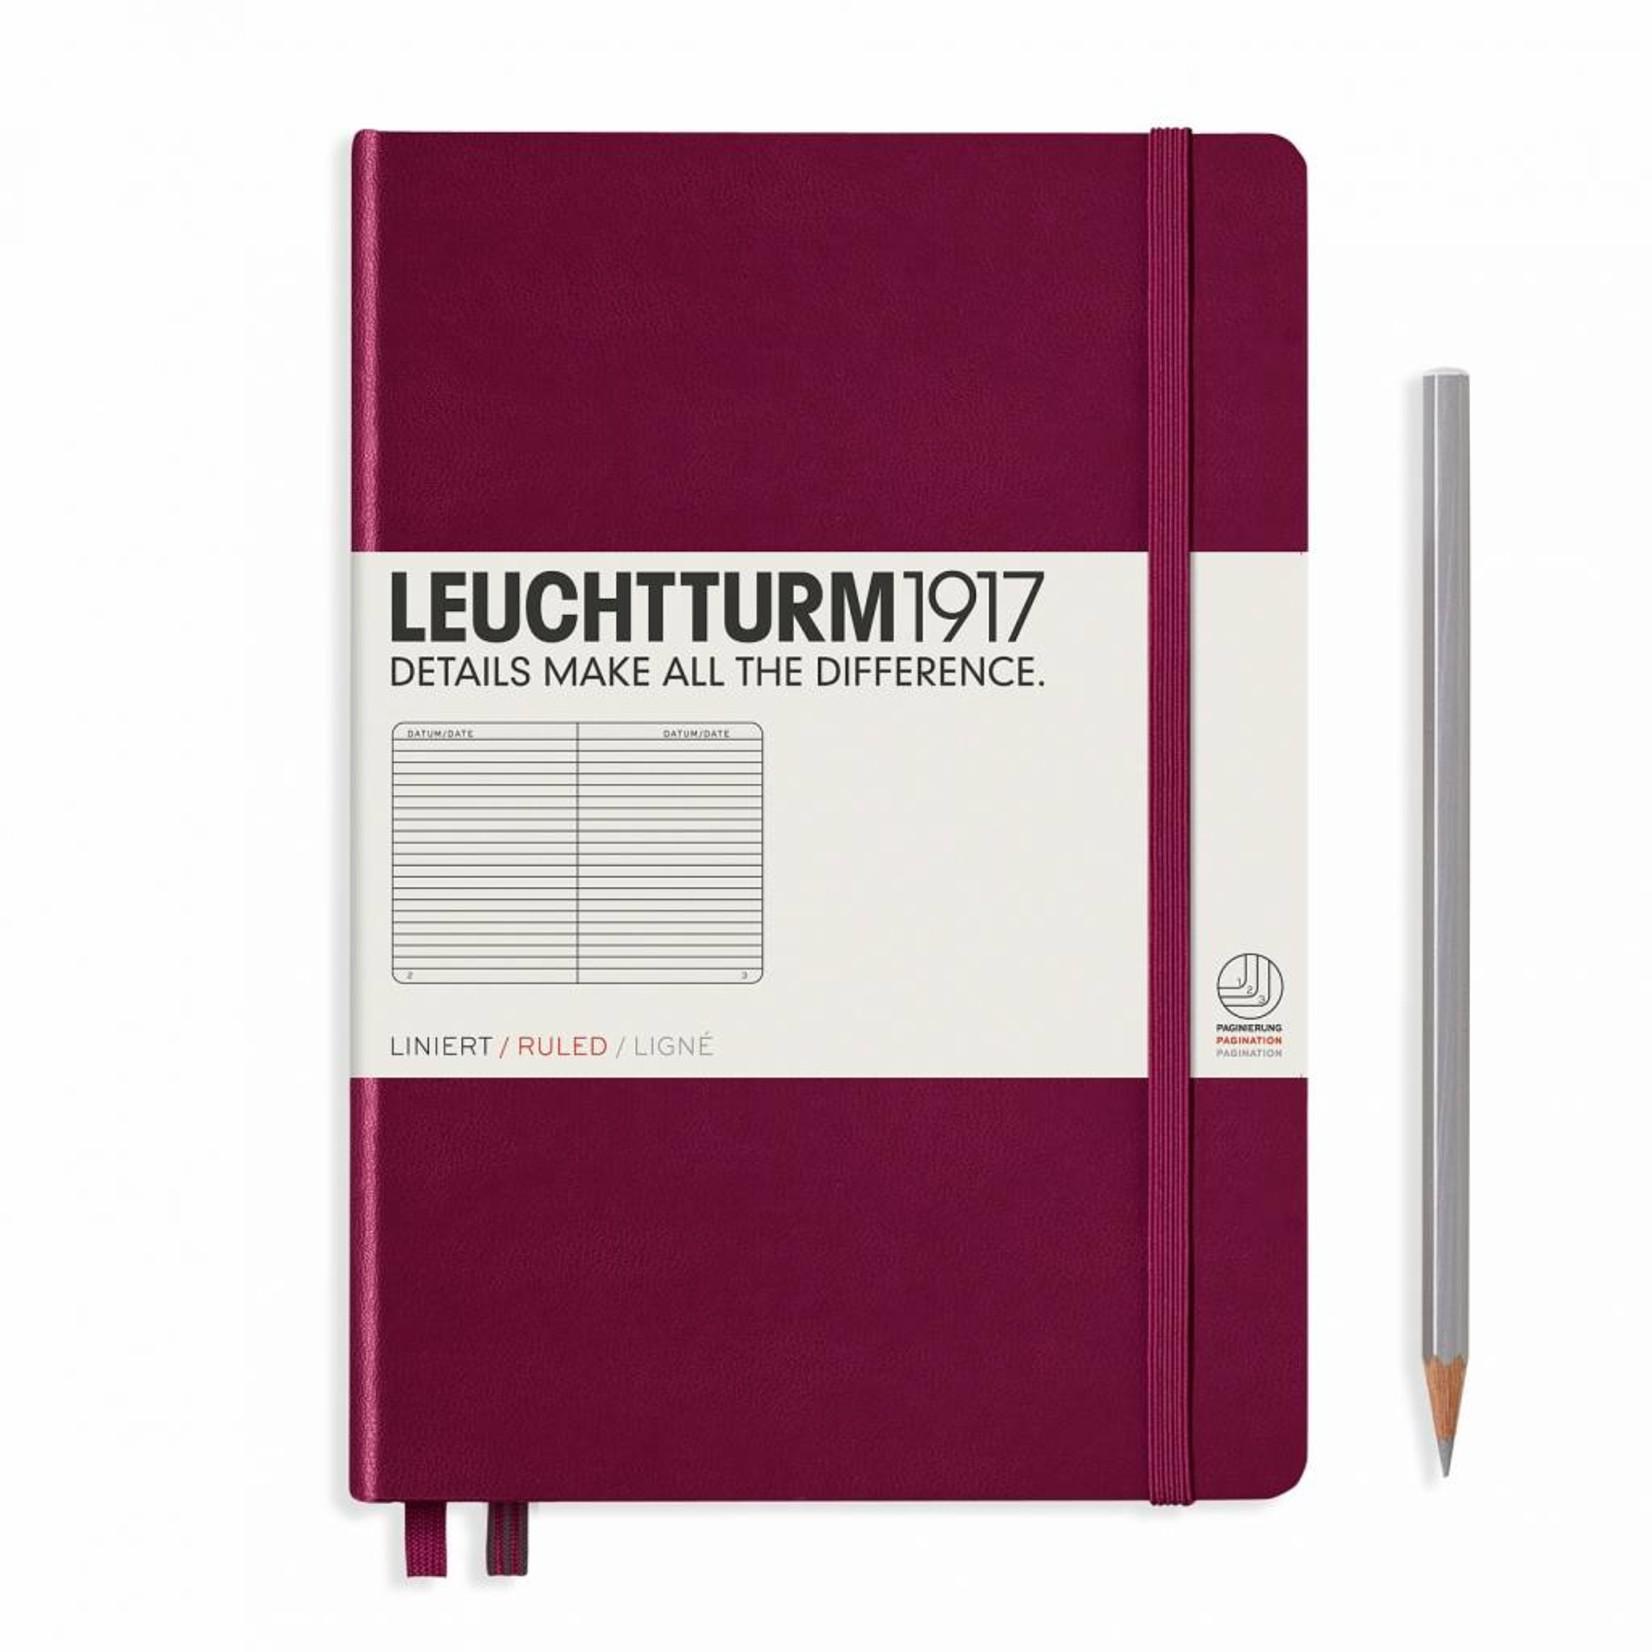 Leuchtturm1917 LT Notizbuch A5 MEDIUM HC port red liniert